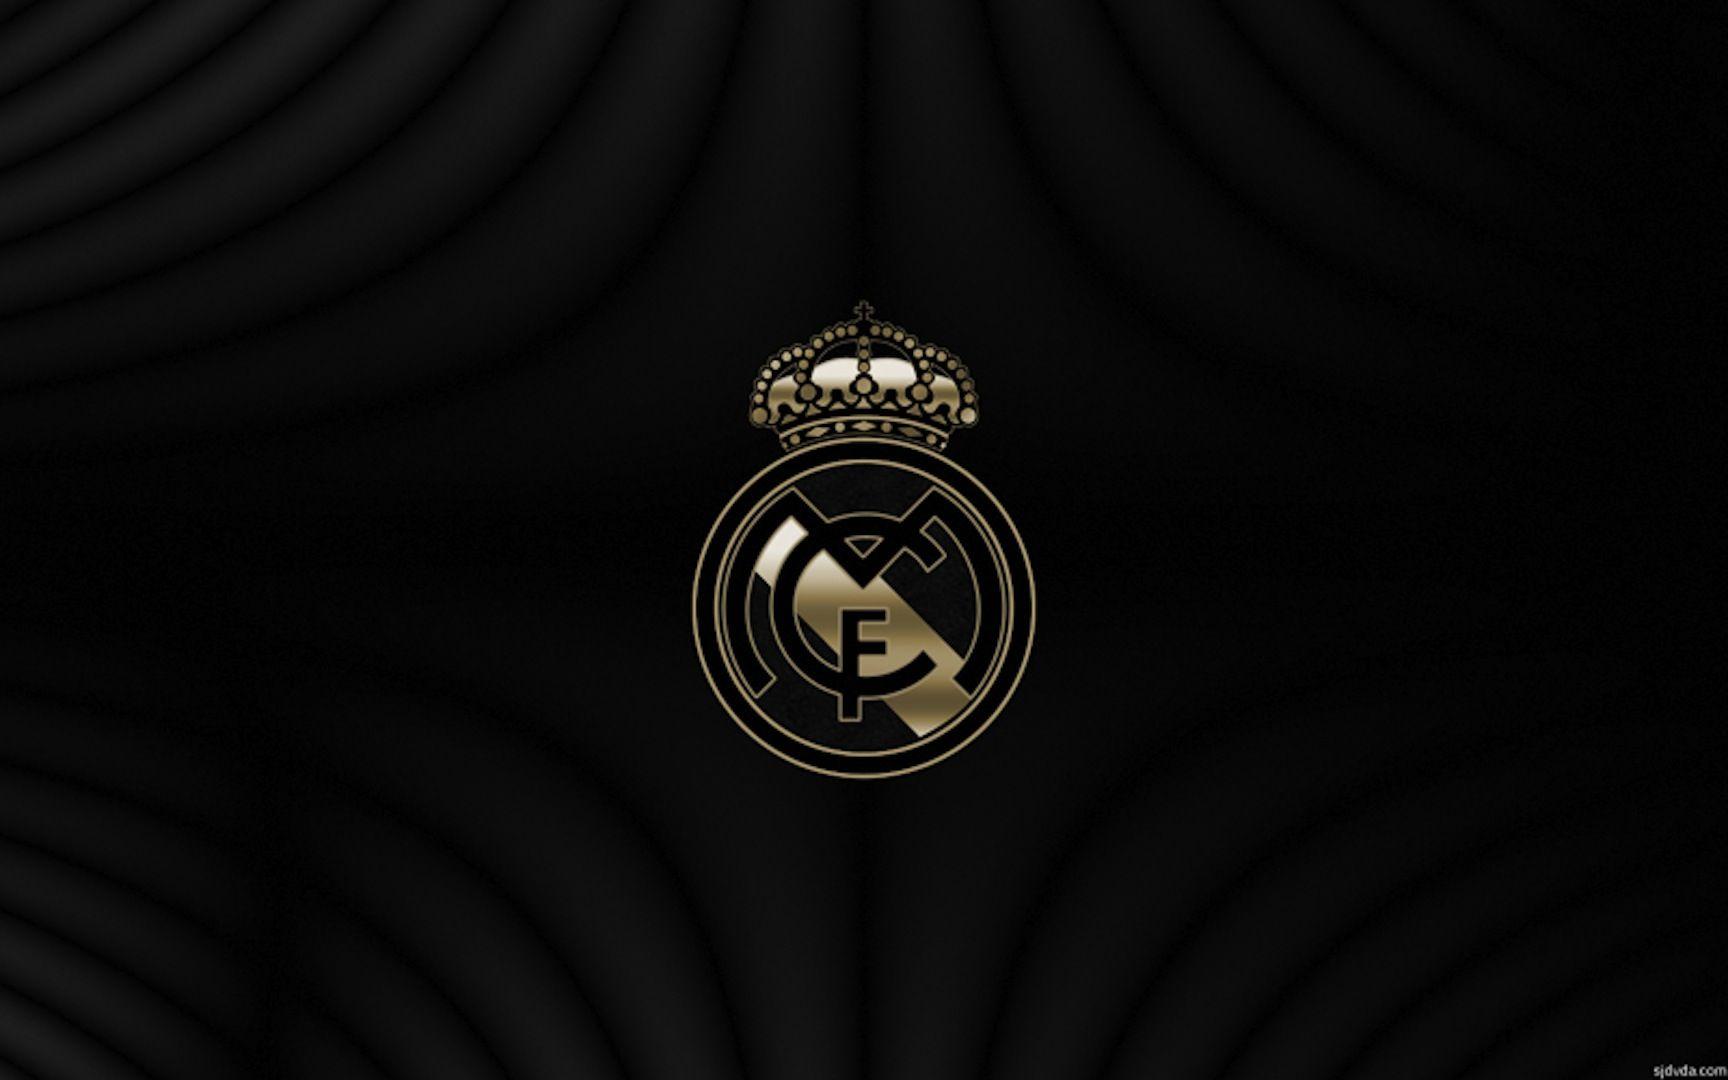 Dark Real Madrid Wallpapers Jpg 1728 1080 Real Madrid Wallpapers Madrid Wallpaper Real Madrid Logo Wallpapers